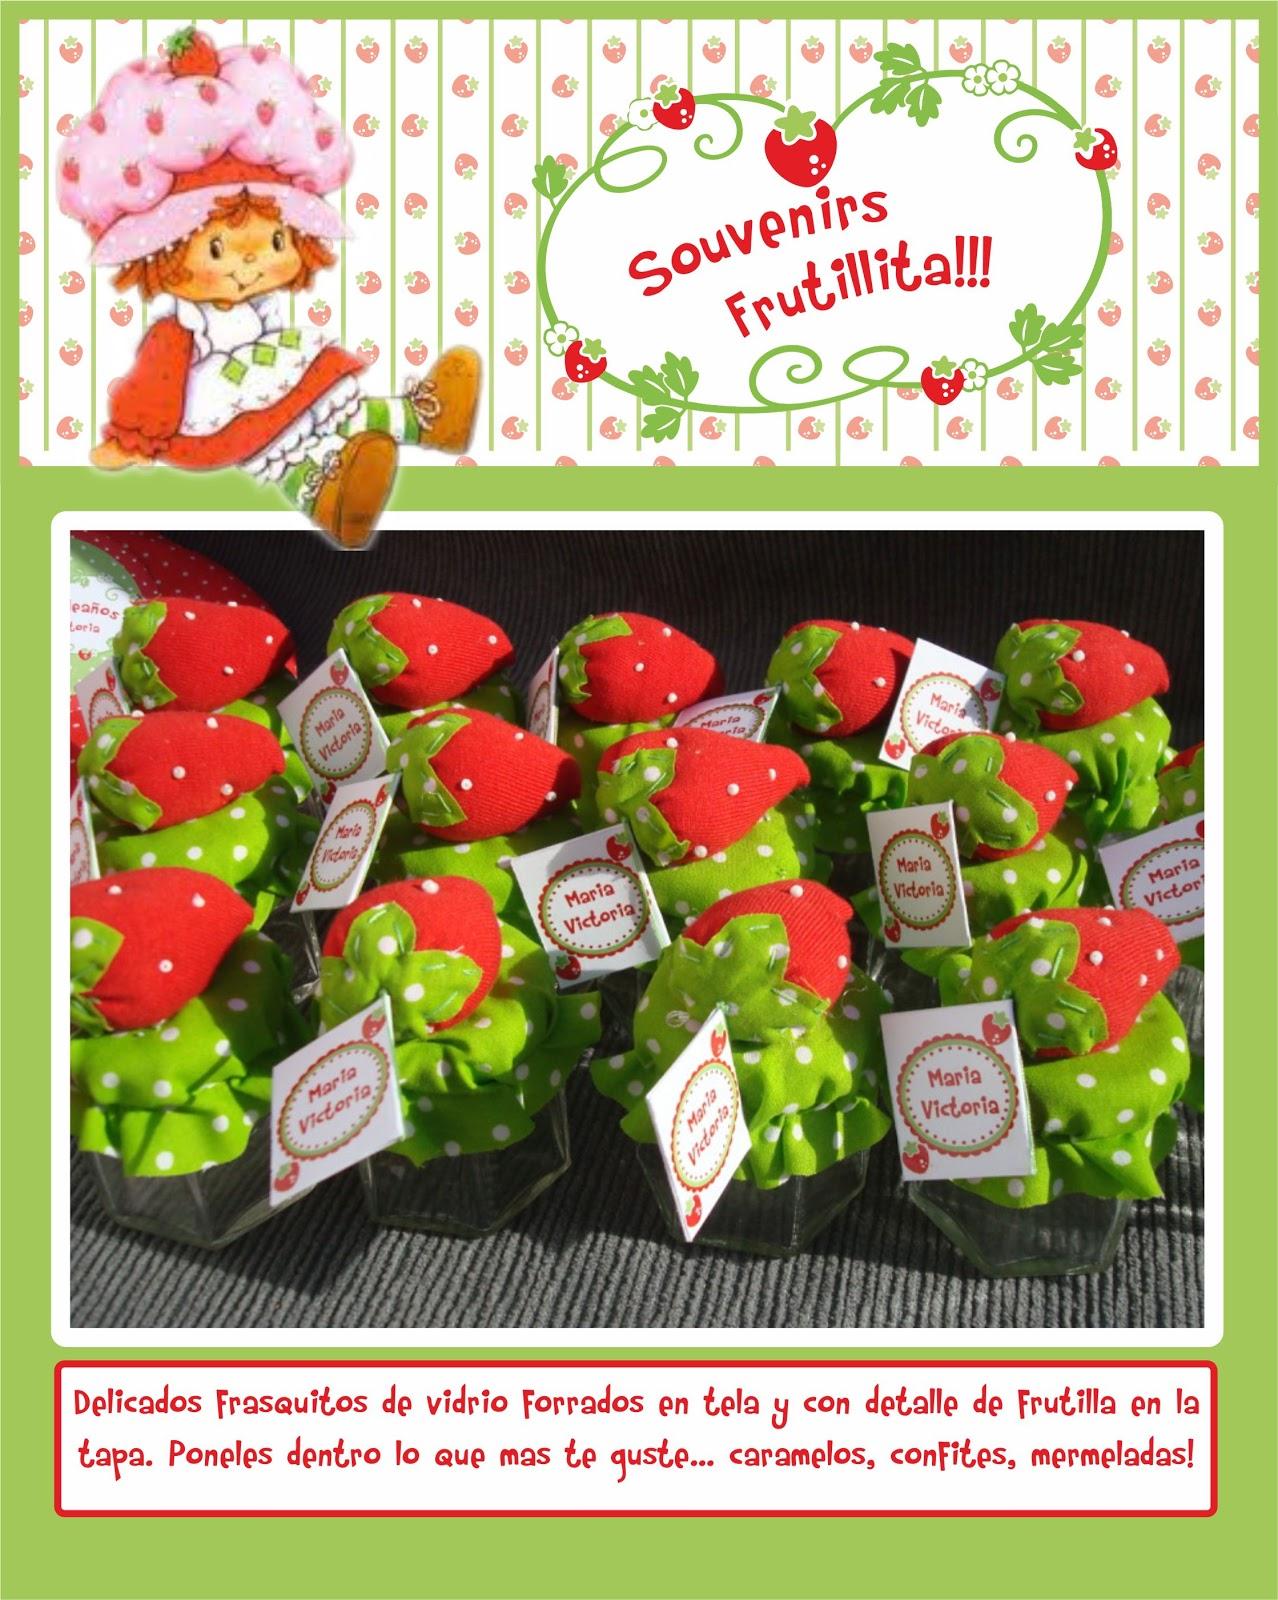 Ideas por monton: Souvenirs de frutillita!